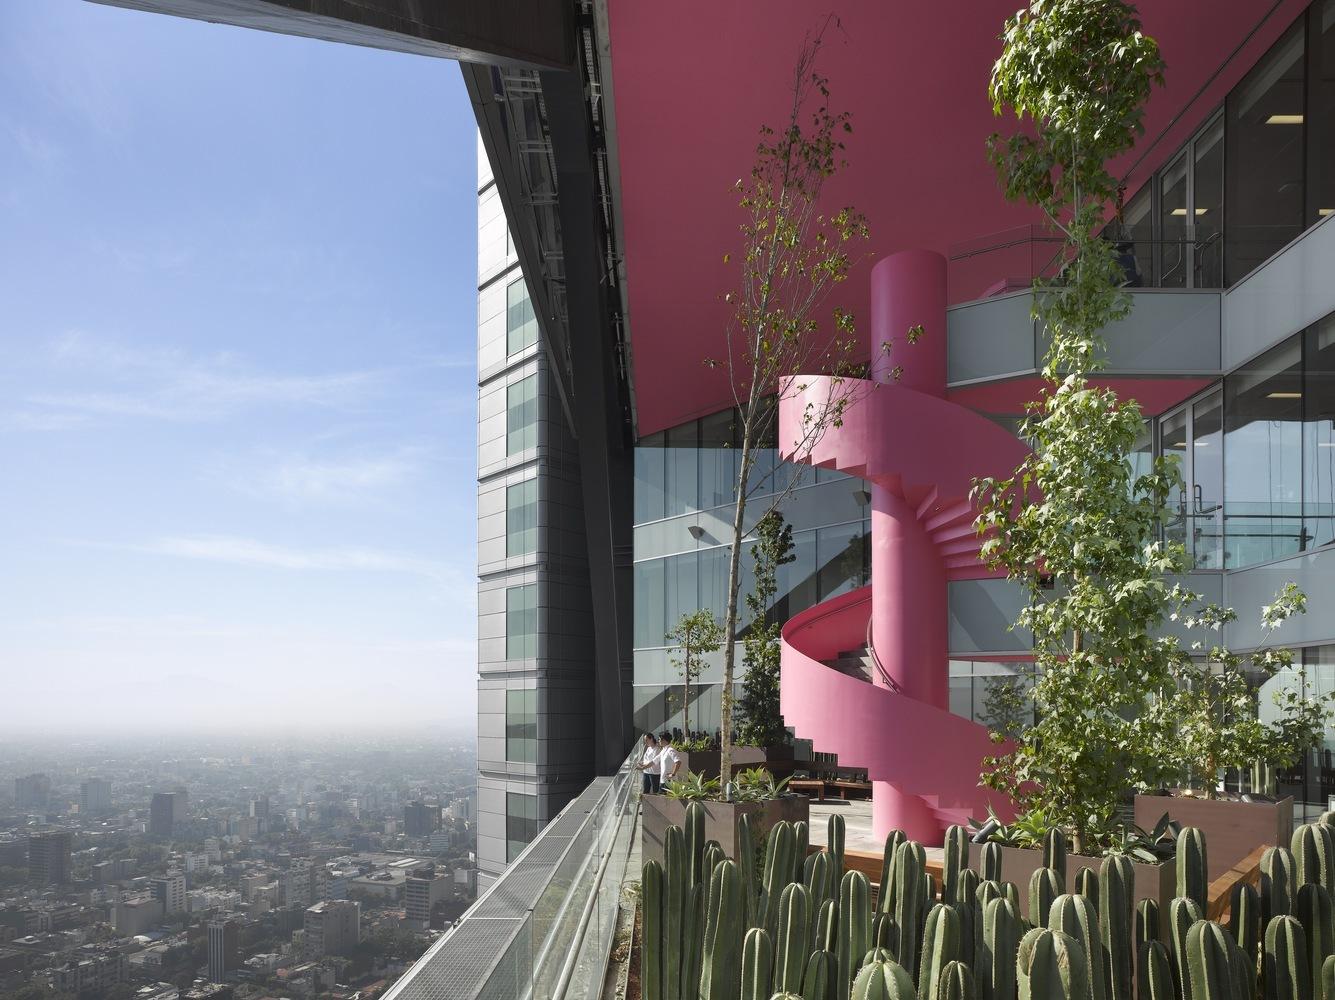 pink stair.jpg